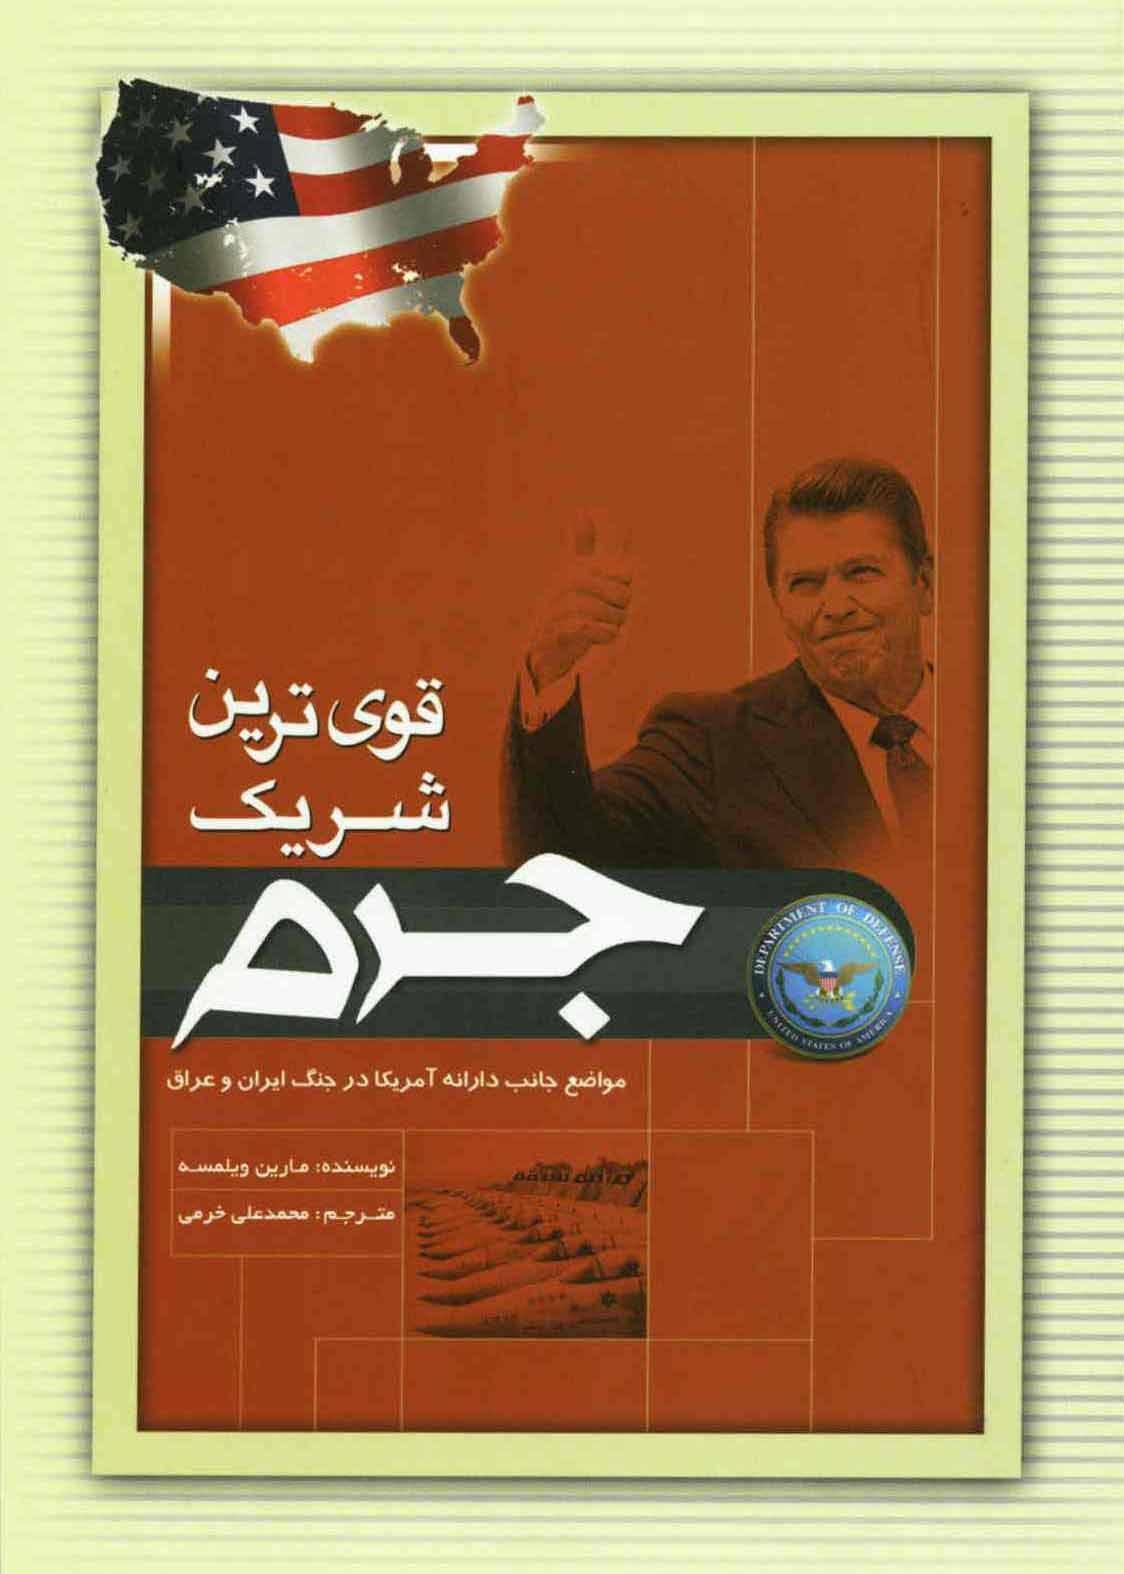 روزی که آمریکا اعتراف کرد: دست ما پشت عراق بود